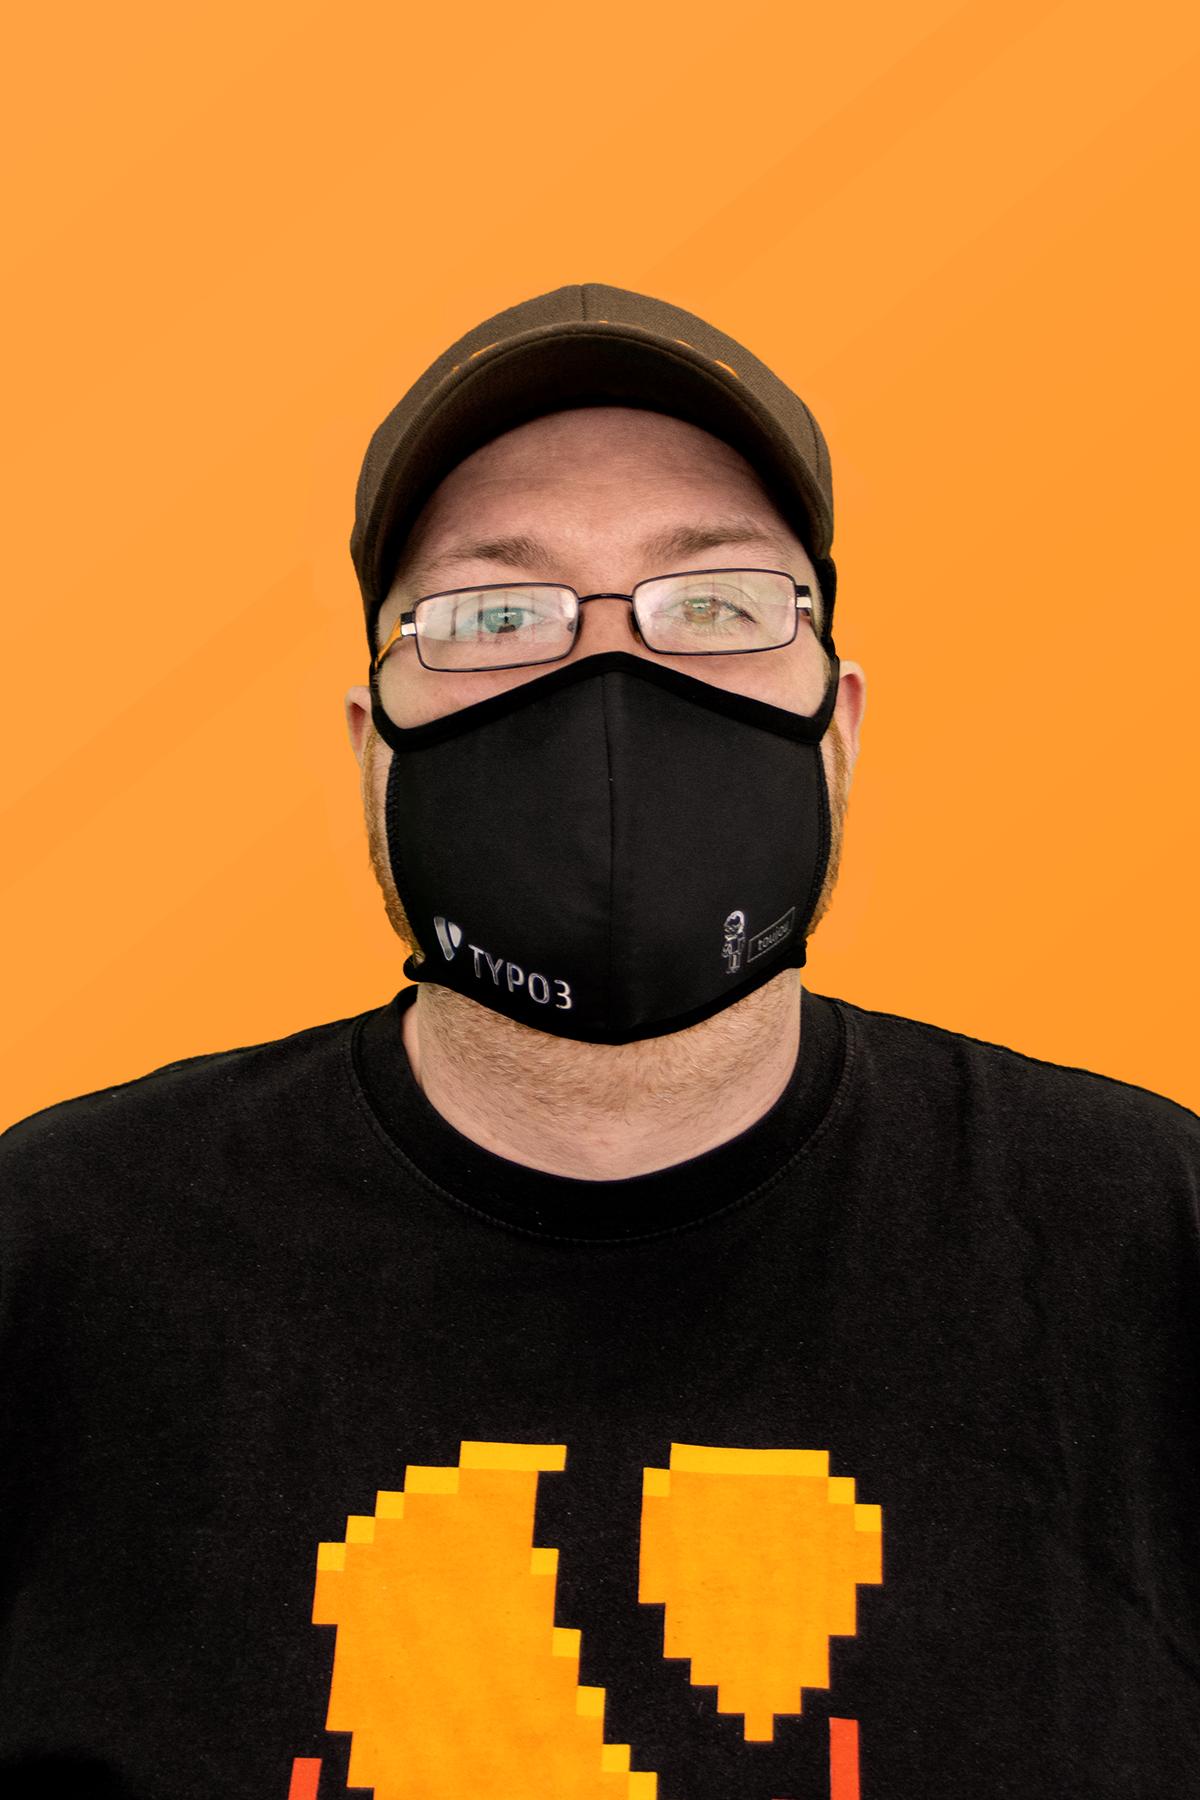 TYPO3 Corona Mask